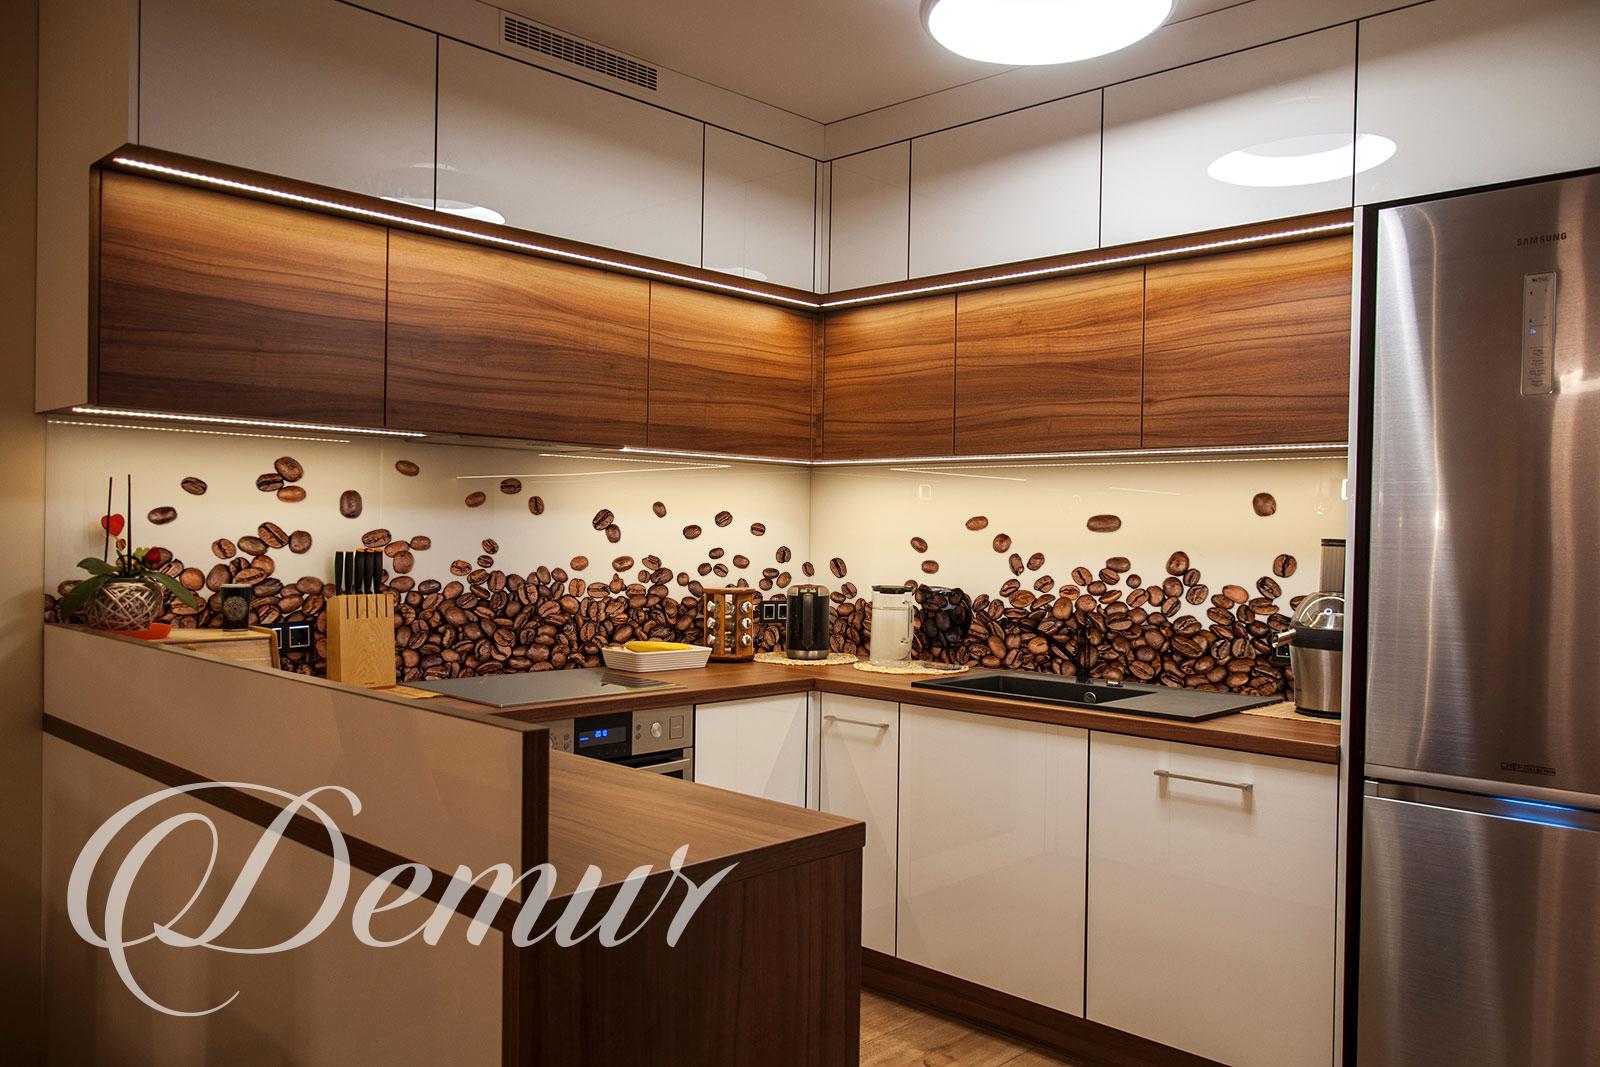 Fototapeta Kawa - Fototapety do kuchni pod szafki - Demur